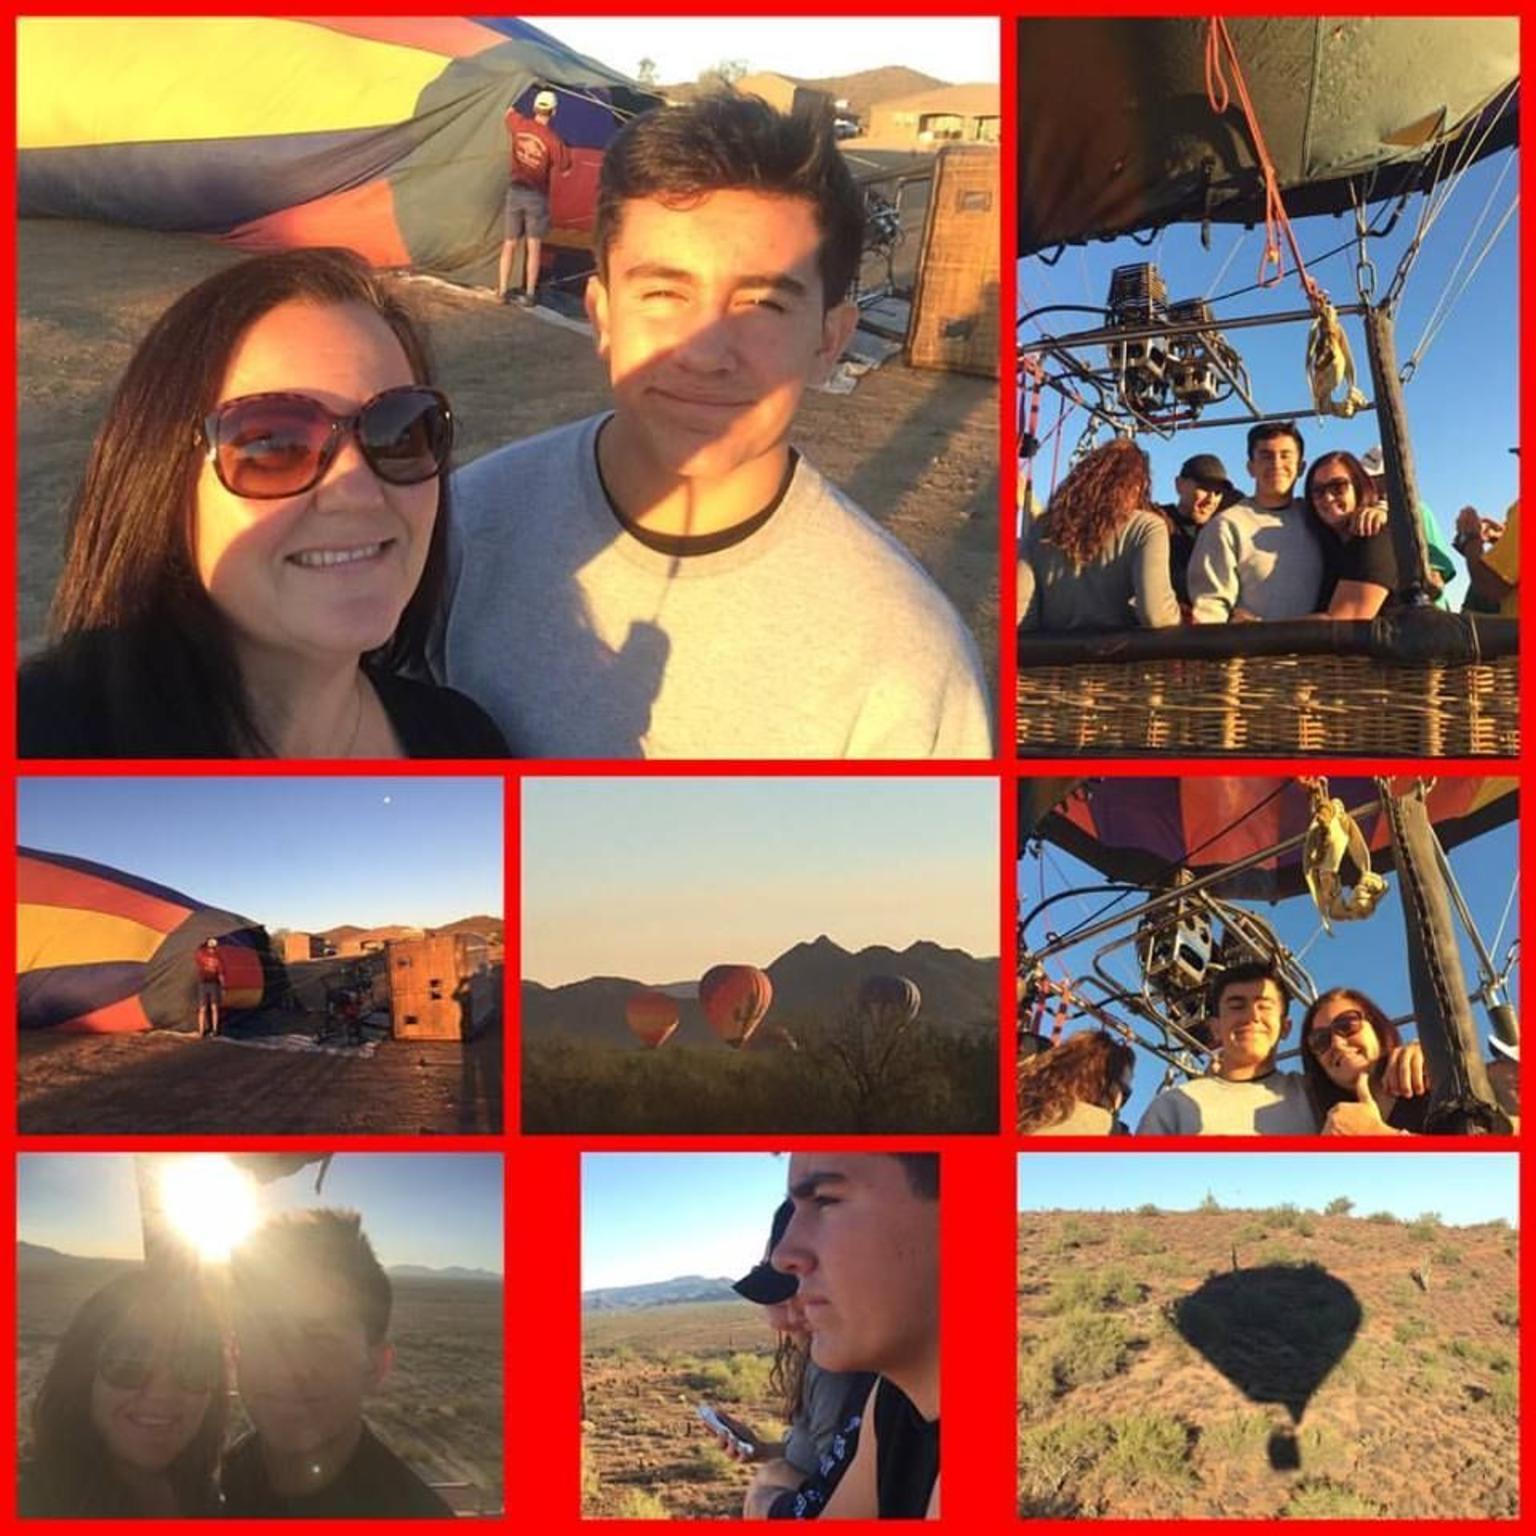 MÁS FOTOS, Paseo en globo al amanecer en el desierto de Sonora desde Phoenix